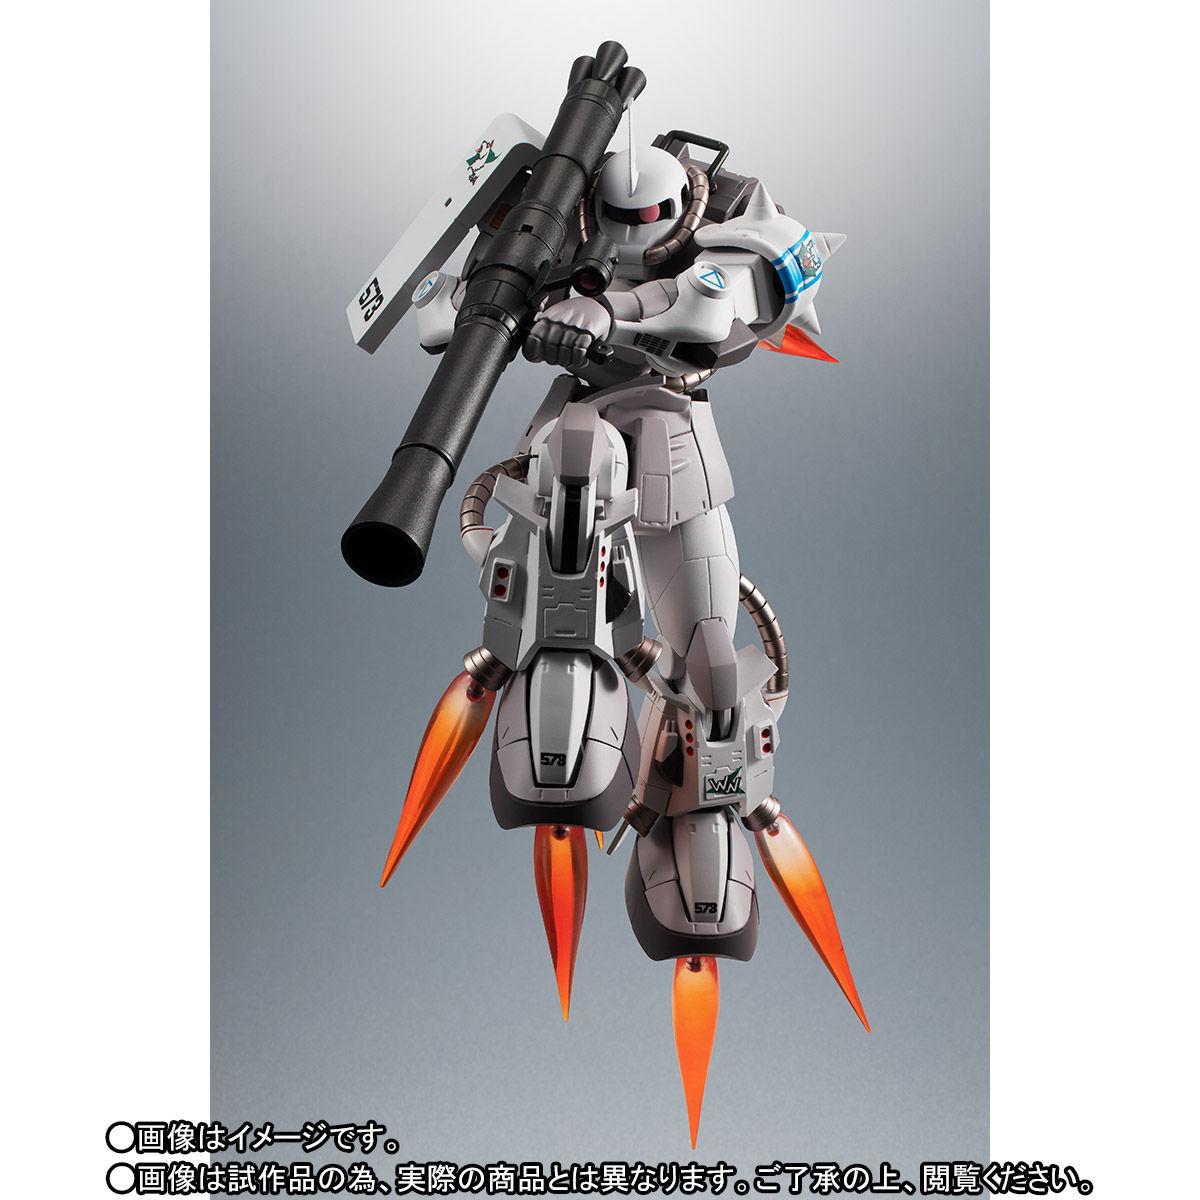 【限定販売】ROBOT魂〈SIDE MS〉『MS-06R-1A シン・マツナガ専用高機動型ザクII ver. A.N.I.M.E.』ガンダムMSV 可動フィギュア-002